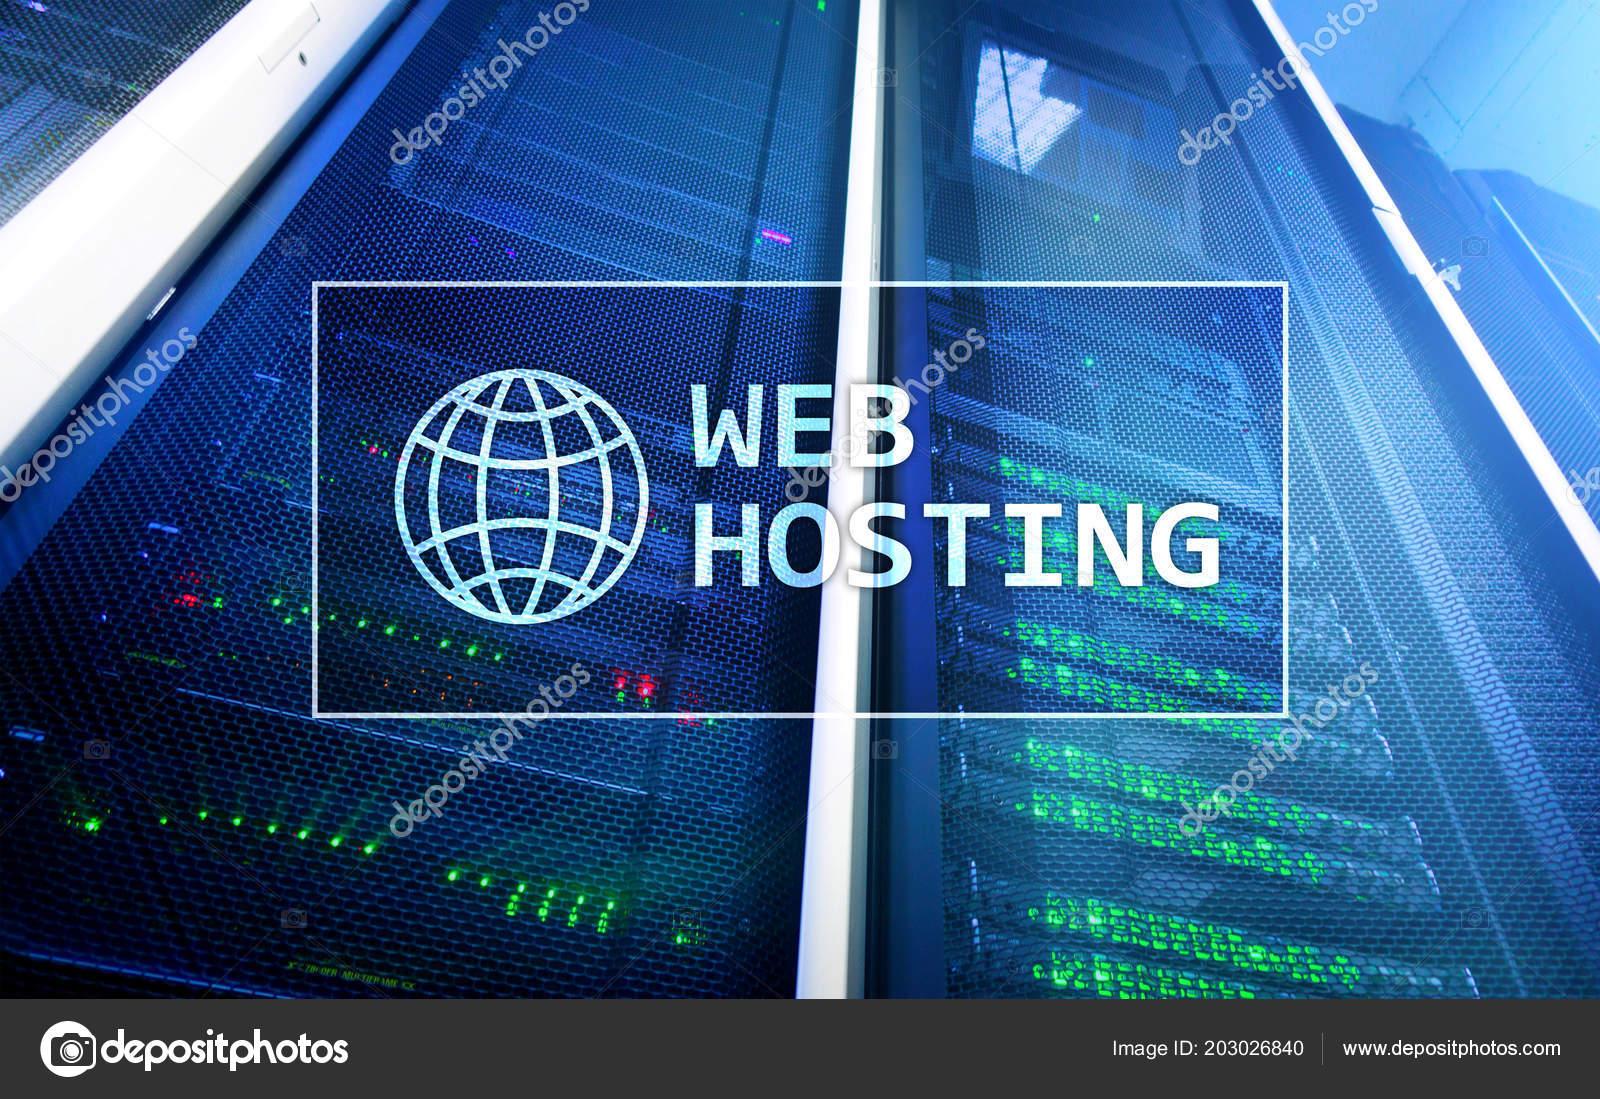 Хостинг для хранения сайта хостинг сайтов сайт ютуб you are